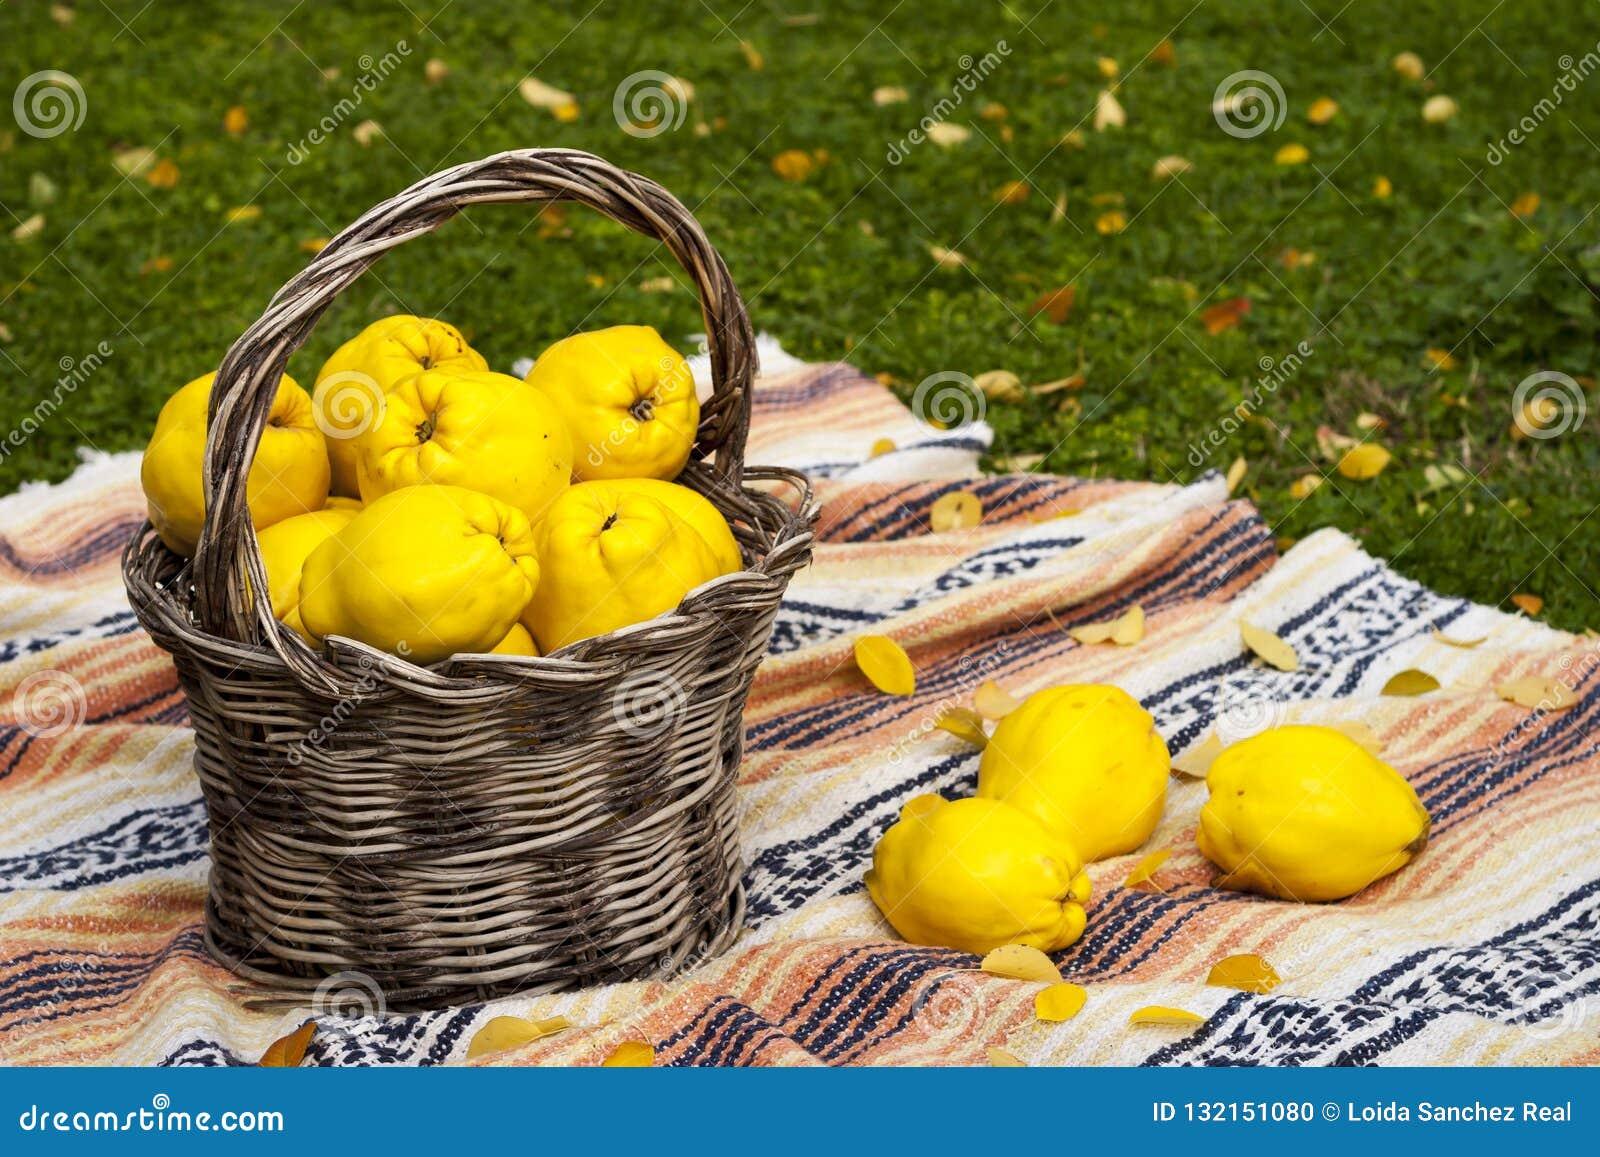 Grote en gele kweeperen in een mand